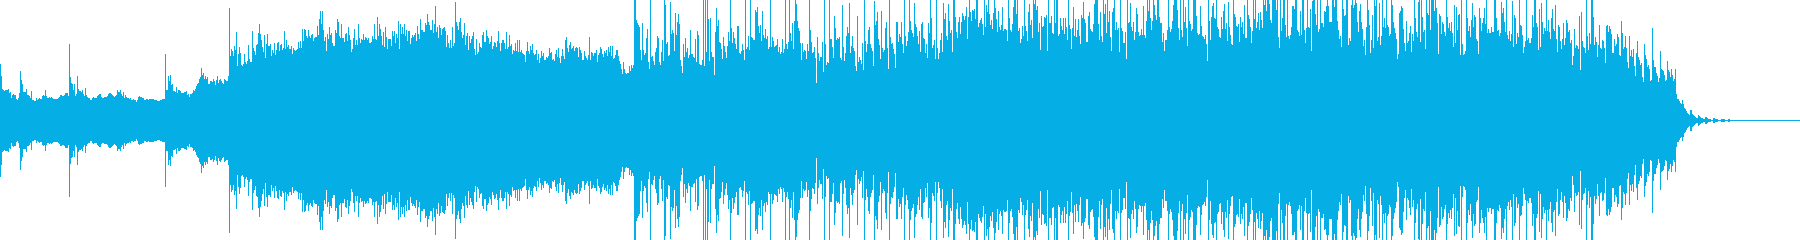 ノイズシンセにギターのエレピのメロディの再生済みの波形